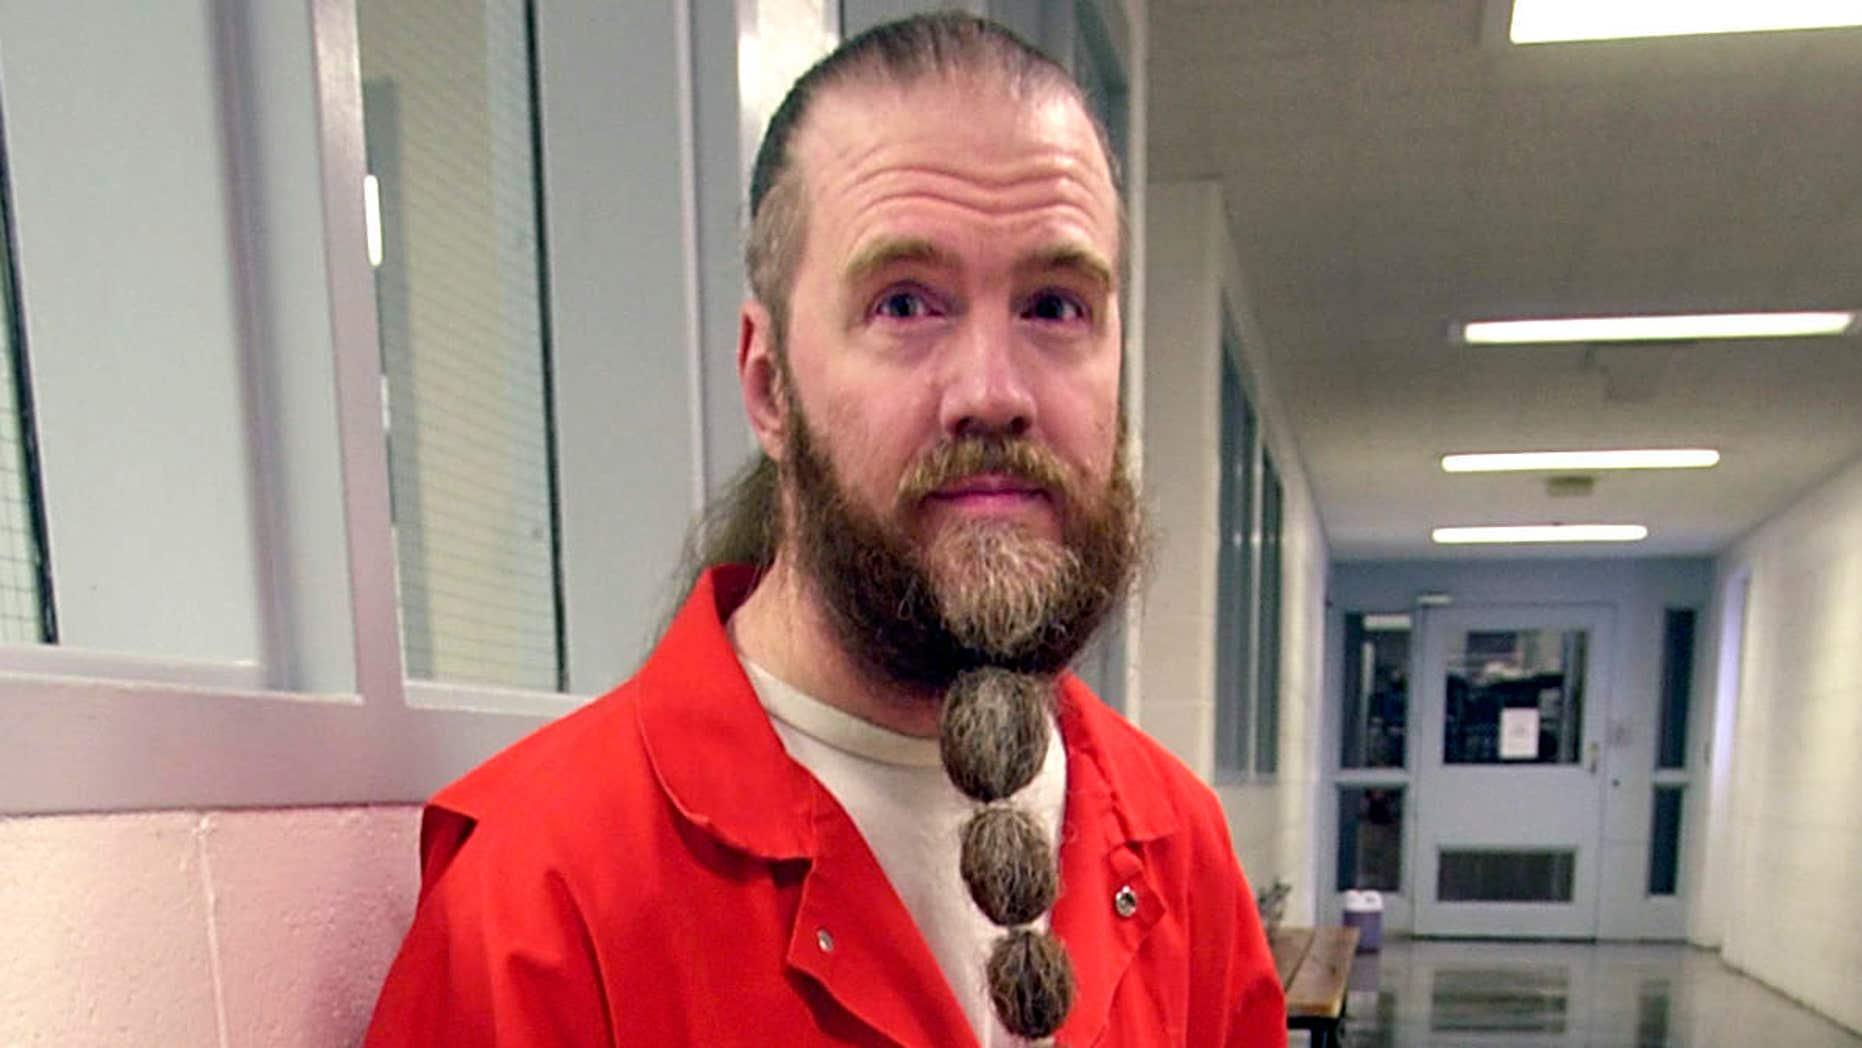 June 30, 2003: Dan Lafferty poses for a photograph, at Utah State Prison in Draper, Utah.